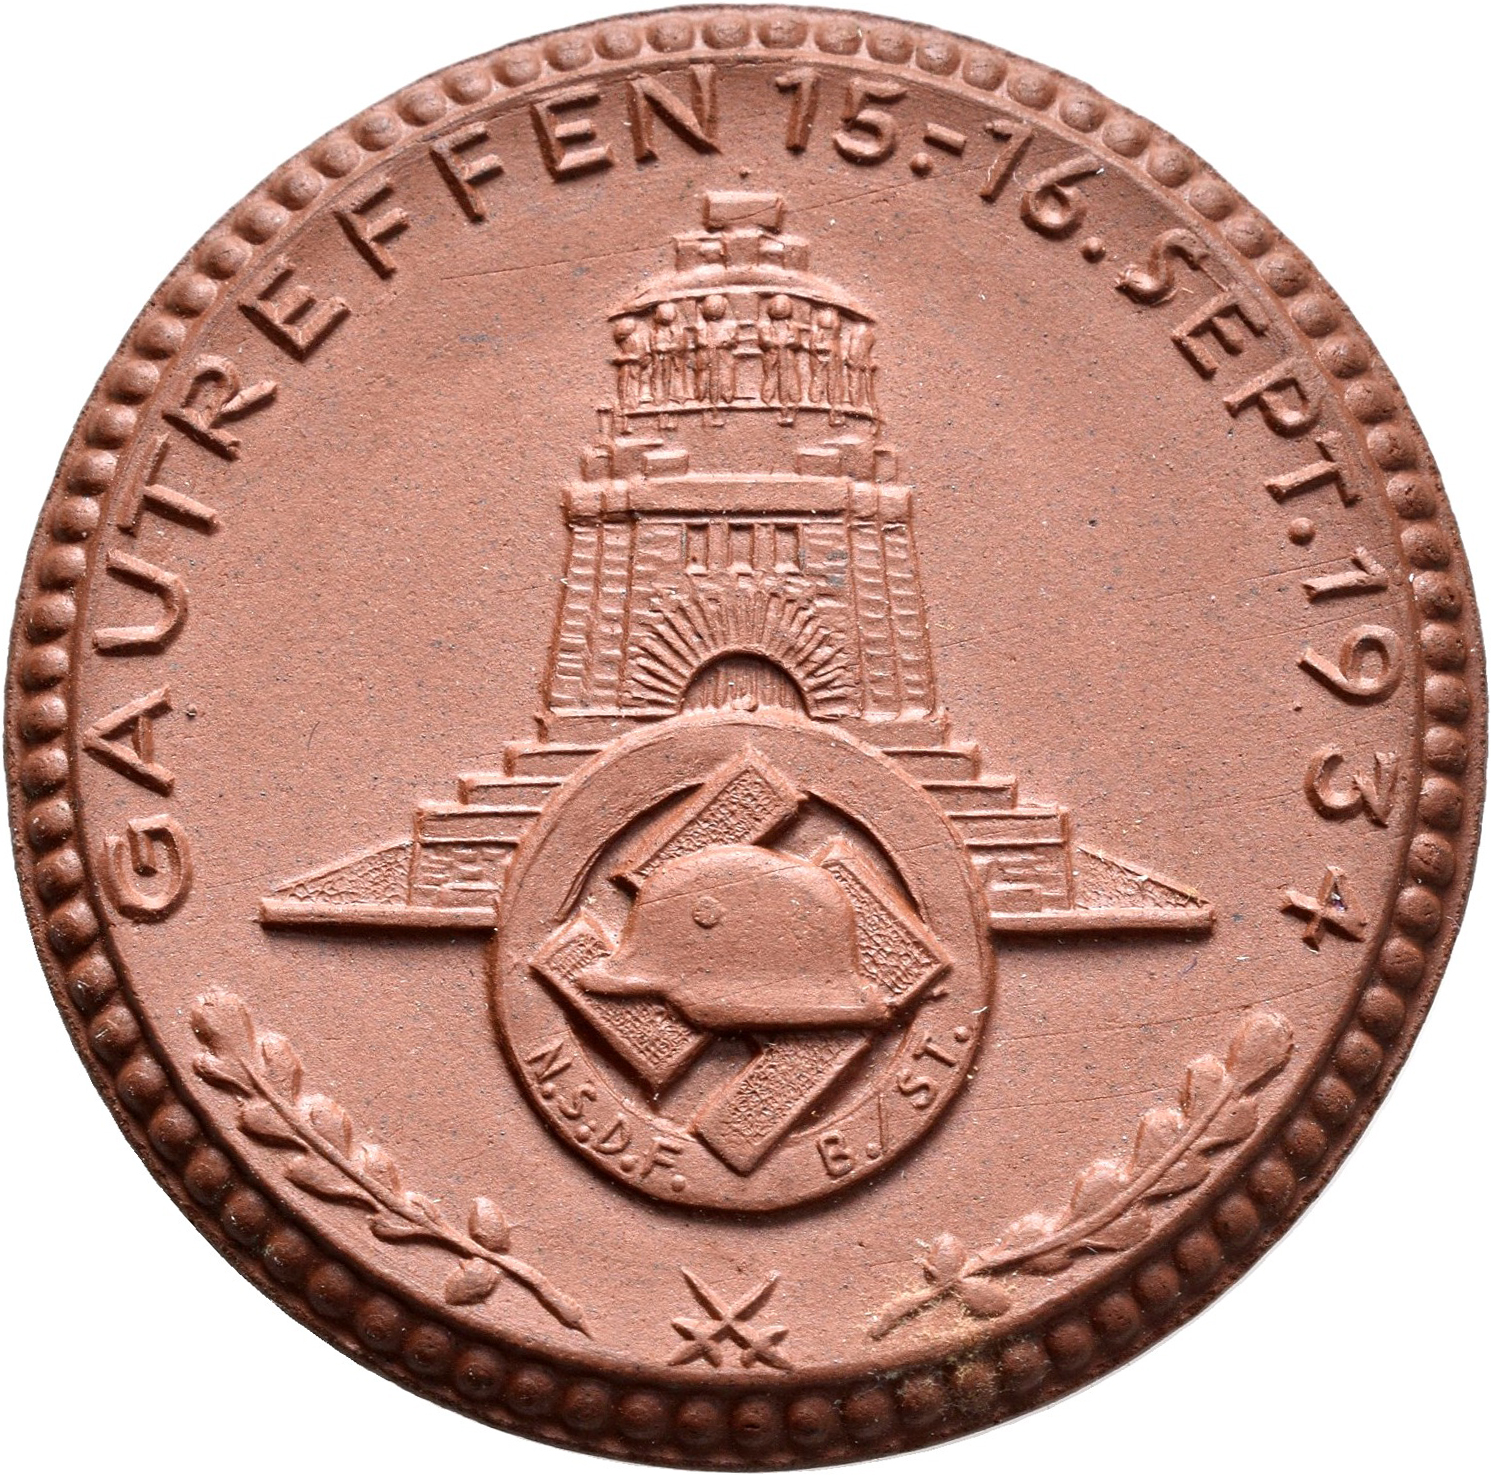 Lot 02381 - Medaillen Deutschland | Münzen  -  Auktionshaus Christoph Gärtner GmbH & Co. KG Sale #48 The Coins & The Picture Post Cards